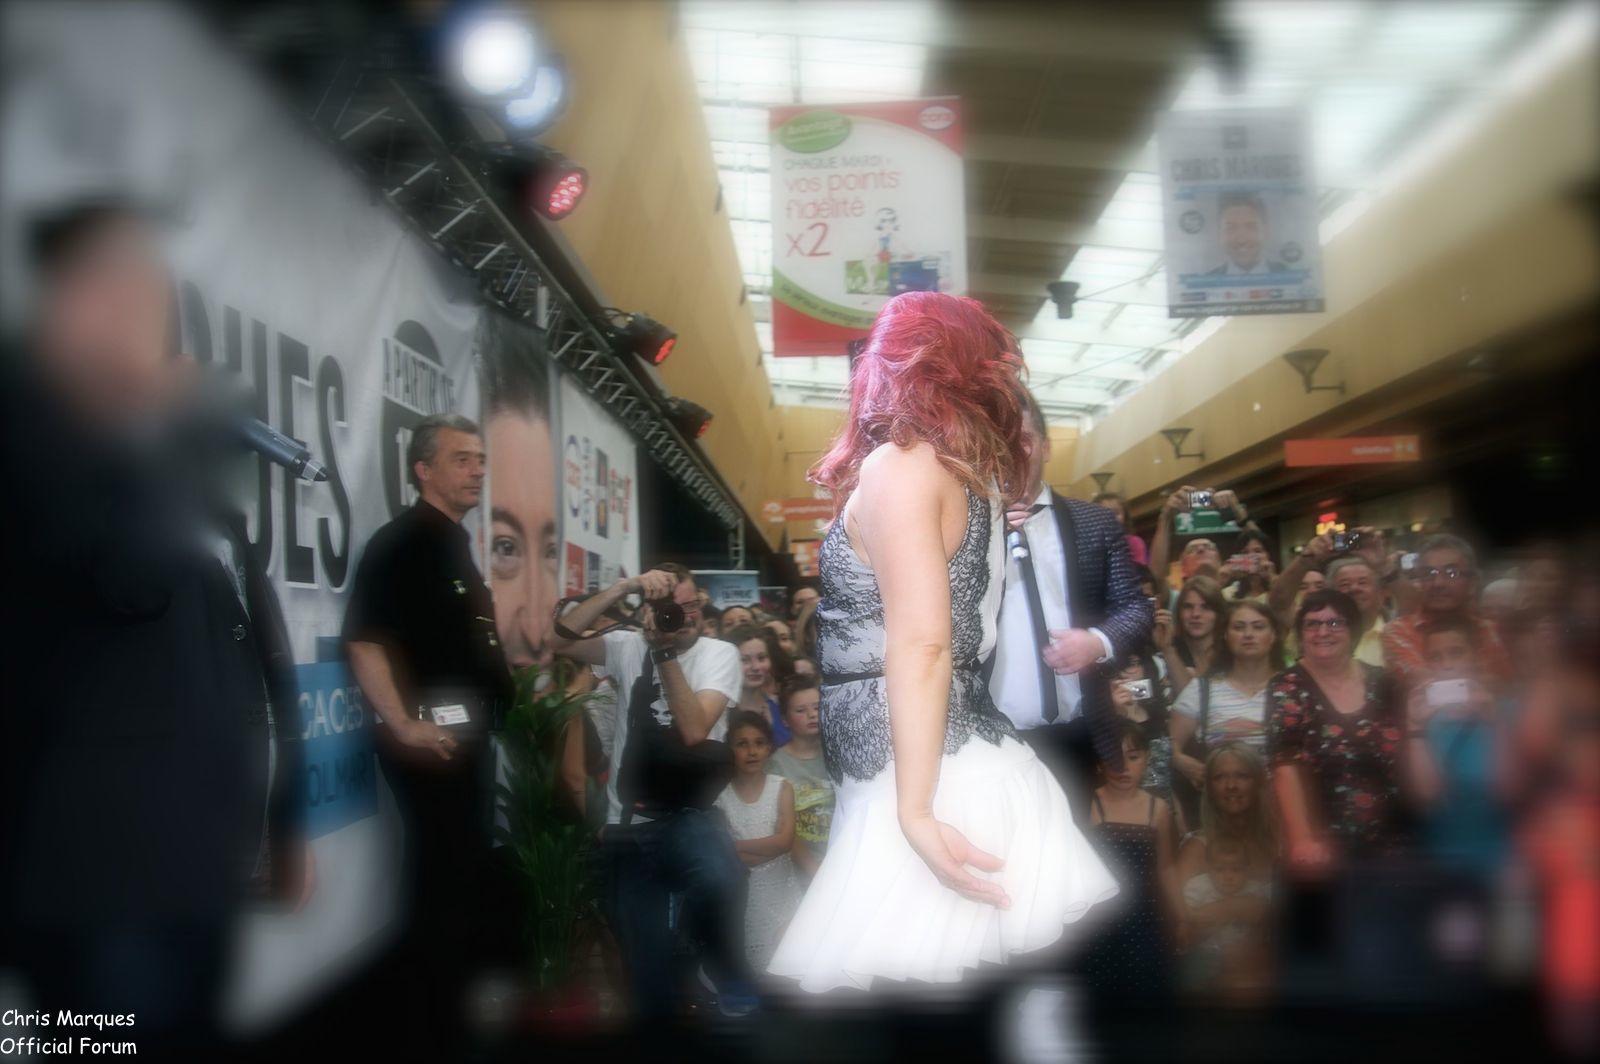 [14.06.2014] Evénement à #Colmar Chris Marques et Jaclyn Spencer pour un Flashmob/Cours de Danse/Dédicaces exceptionnels le tout organisé par la MJC de Colmar 10211